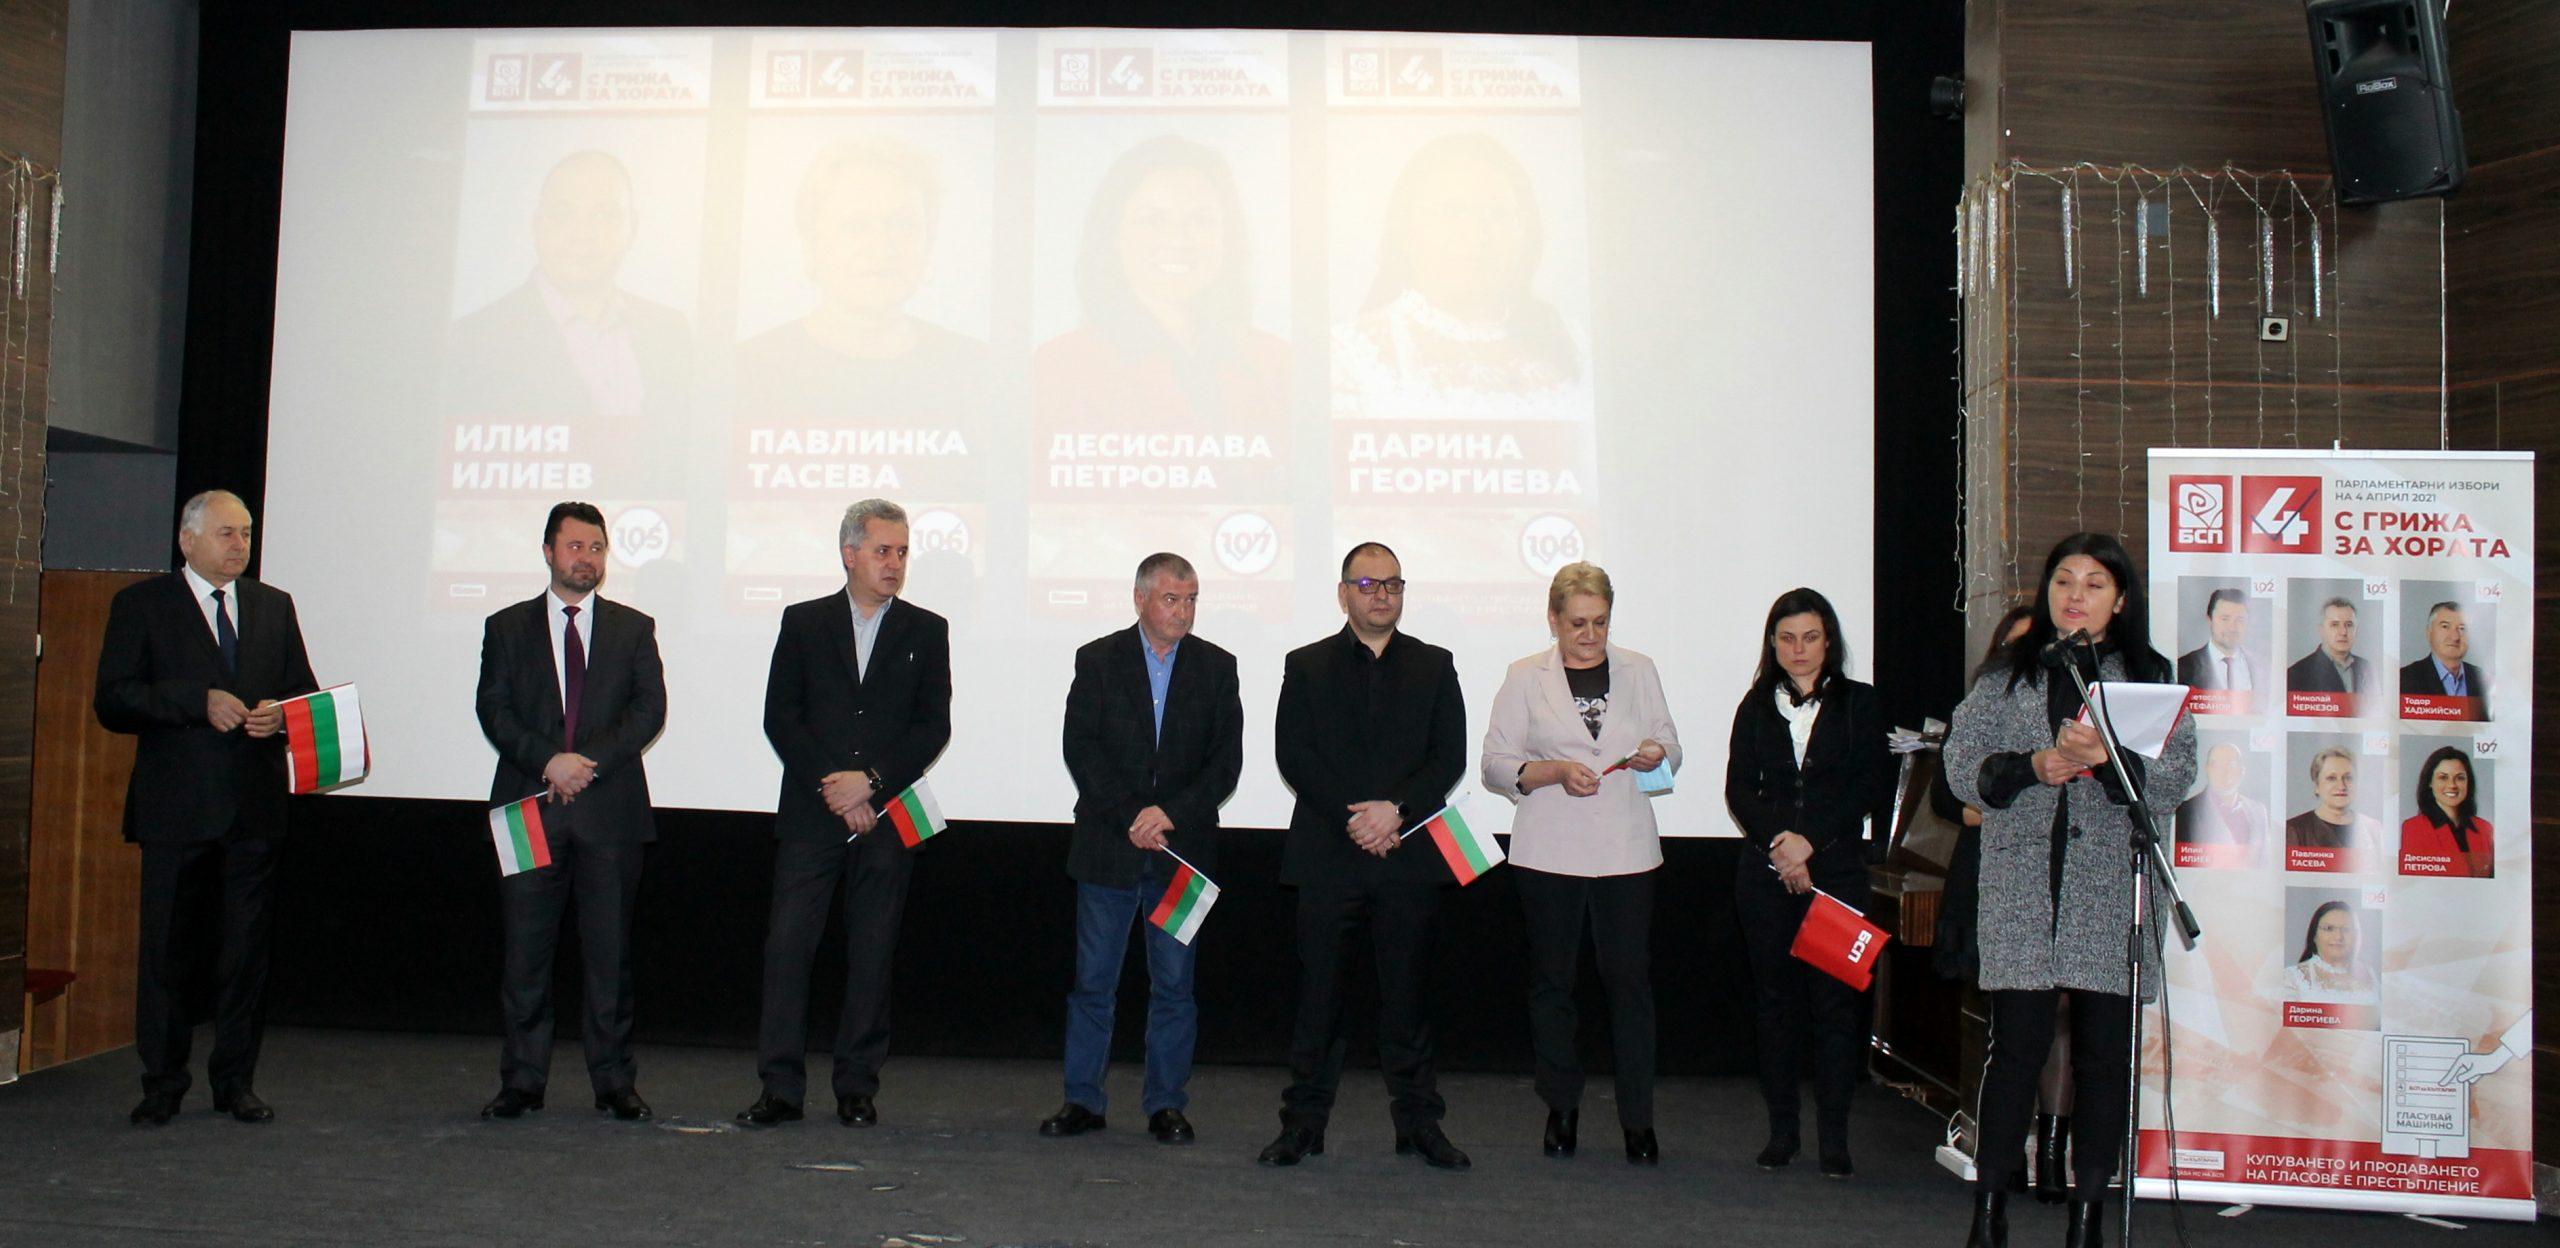 """Oткриване на предизборната кампания на Коалиция """"БСП за България"""" в Търговище"""